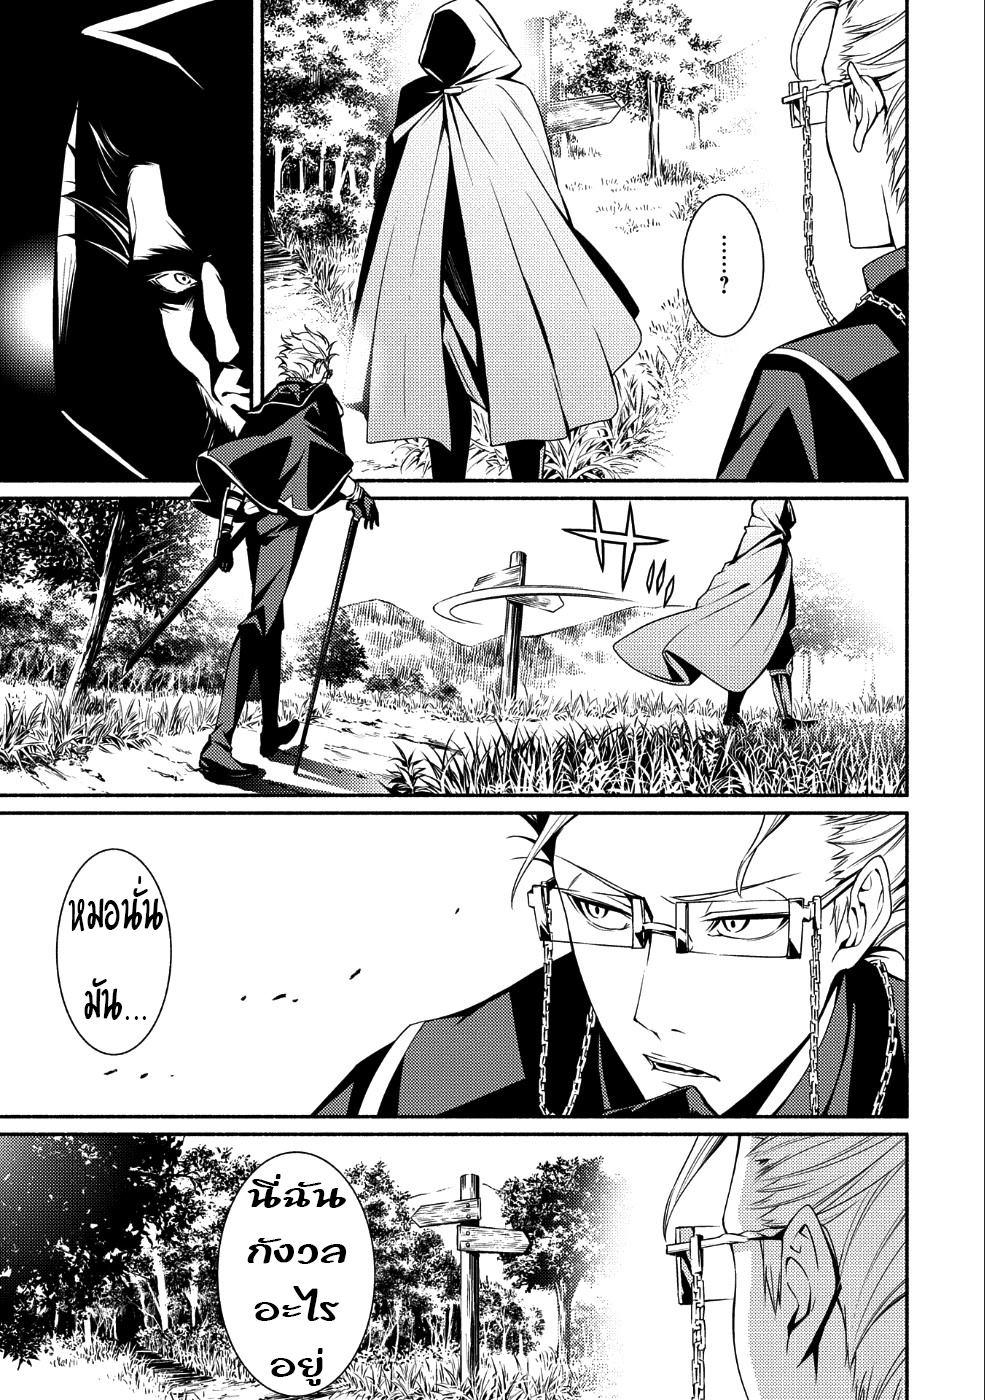 อ่านการ์ตูน Saikyou Party no Zatsuyougakari Ossan wa Muriyari Kyuuka o Tora Sareta you desu ตอนที่ 1 หน้าที่ 22